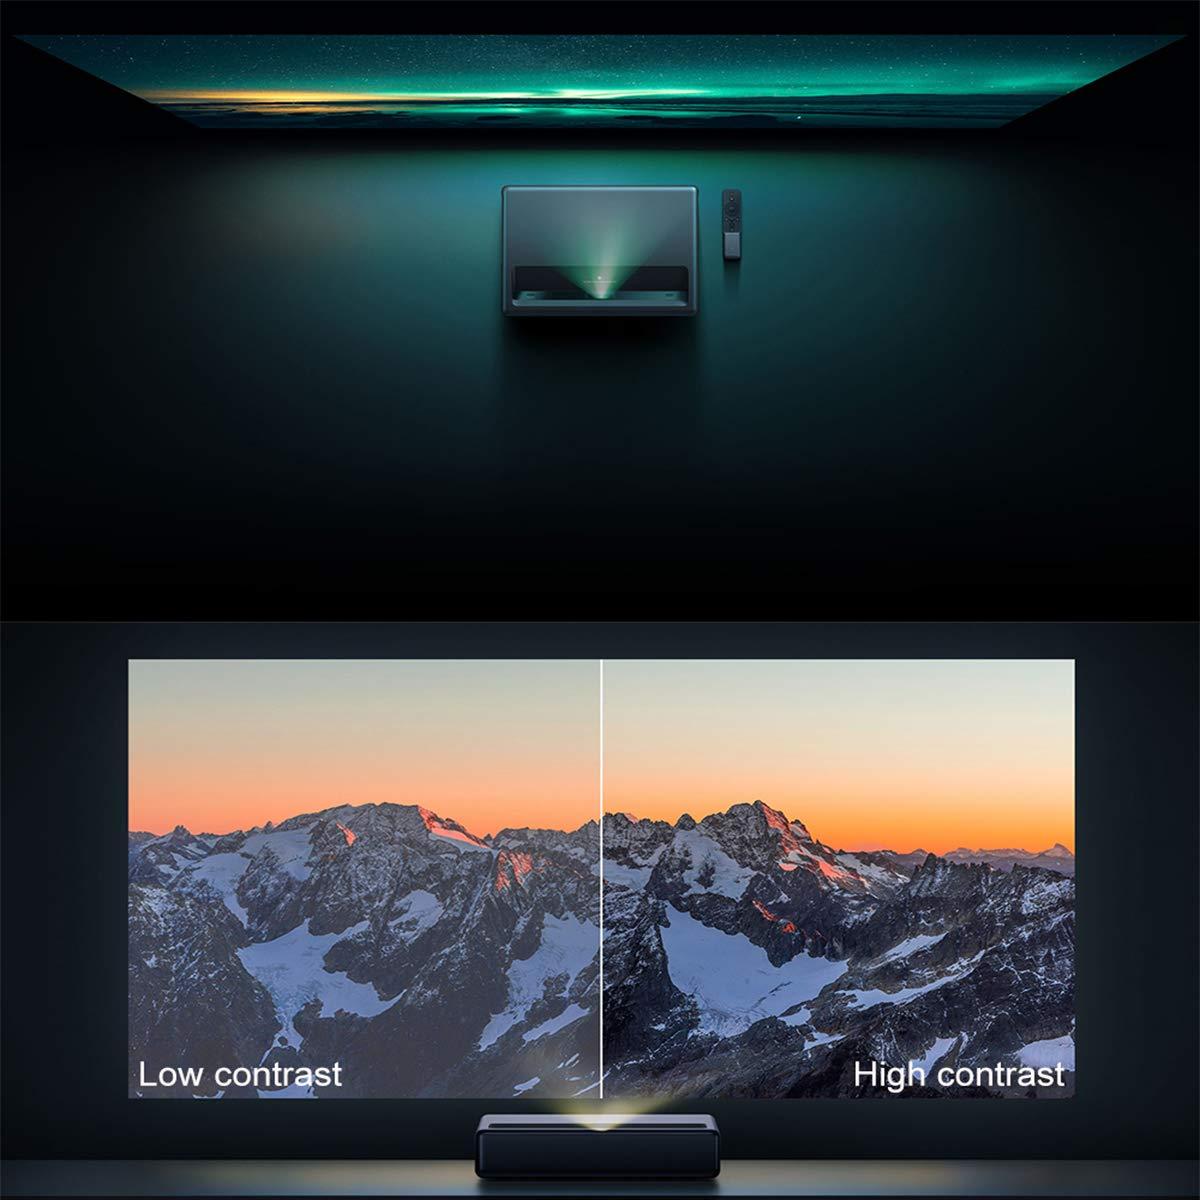 APPLL 1080P DLP Inicio Proyector De Cine, Ultra Short Throw, 5000 Lúmenes, 3000: 1 Relación De Contraste con 2 X 10 W Altavoces, HDMI, Negro: Amazon.es: Deportes y aire libre